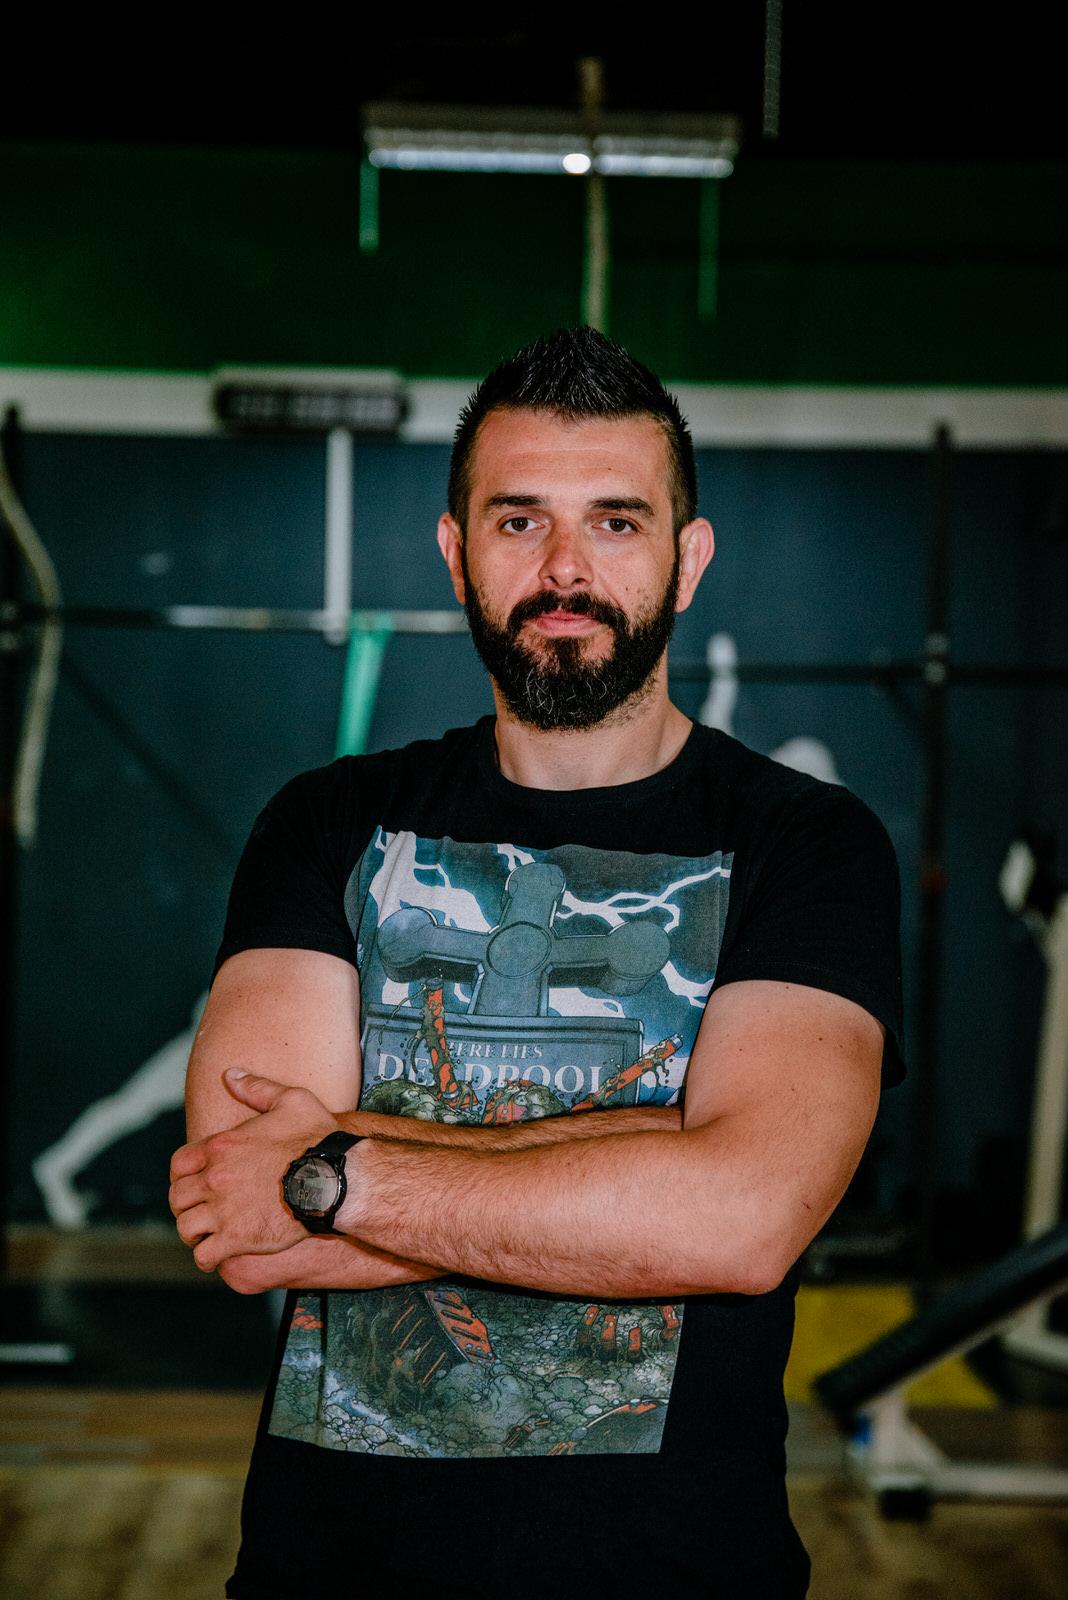 likaclub_obaranje ruku_osvajači medalja 2020_sebastijan (3)